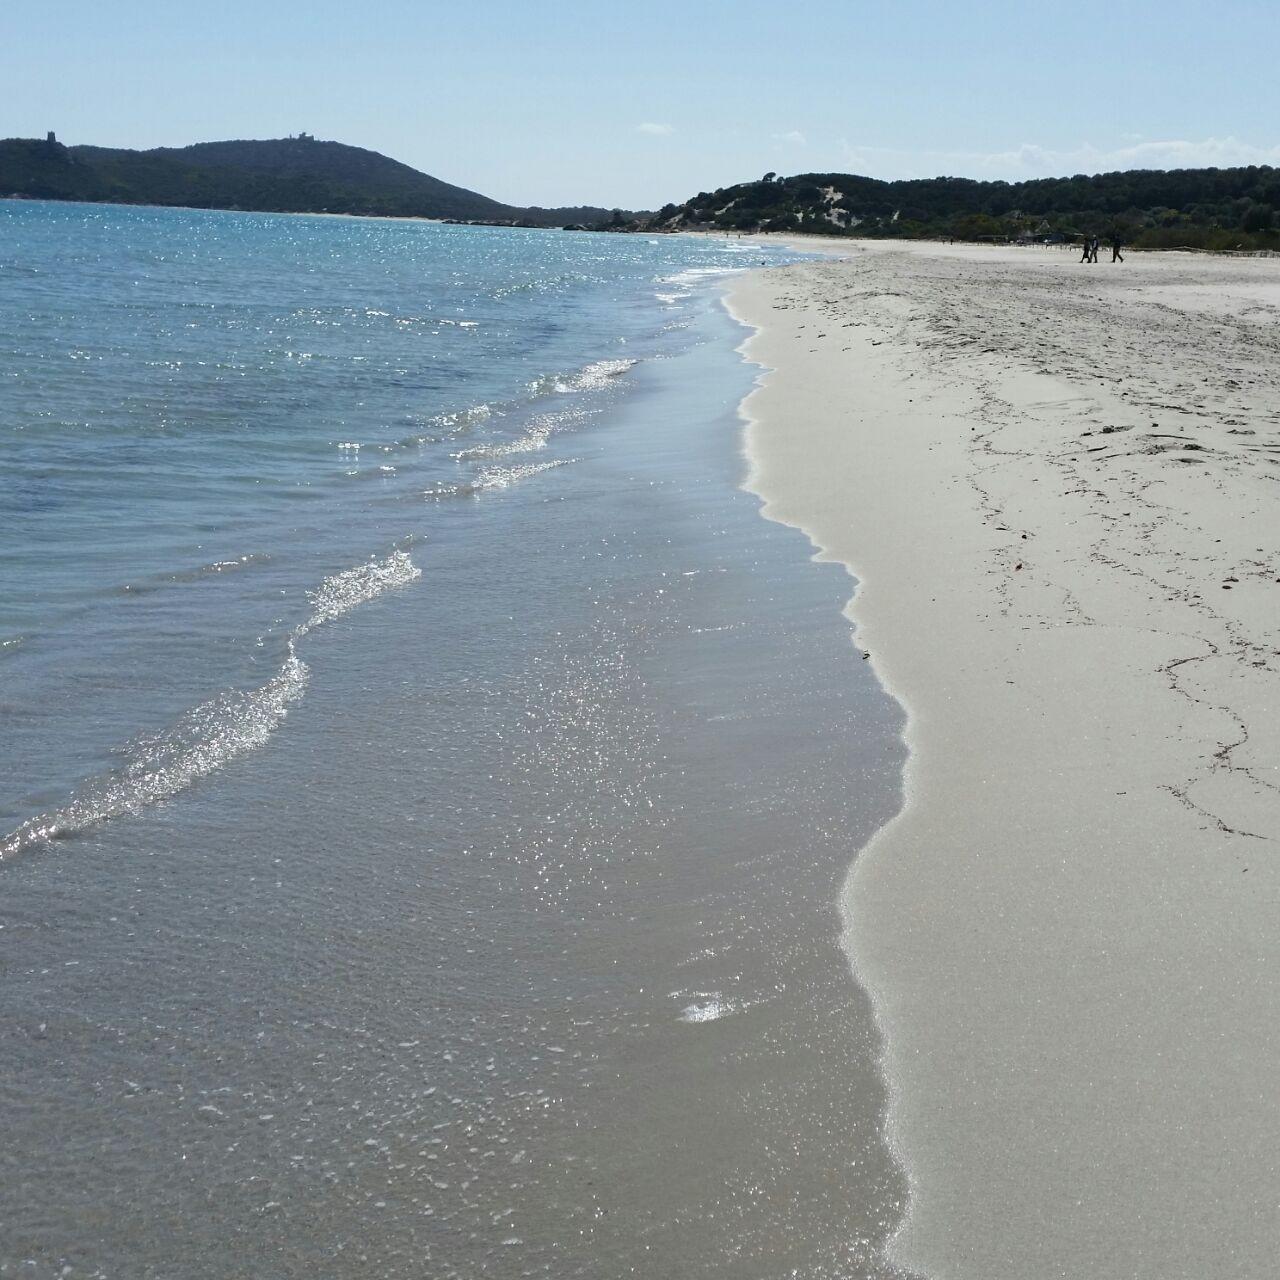 Wunderschöner Sandstrand in Orsai, Sardinien